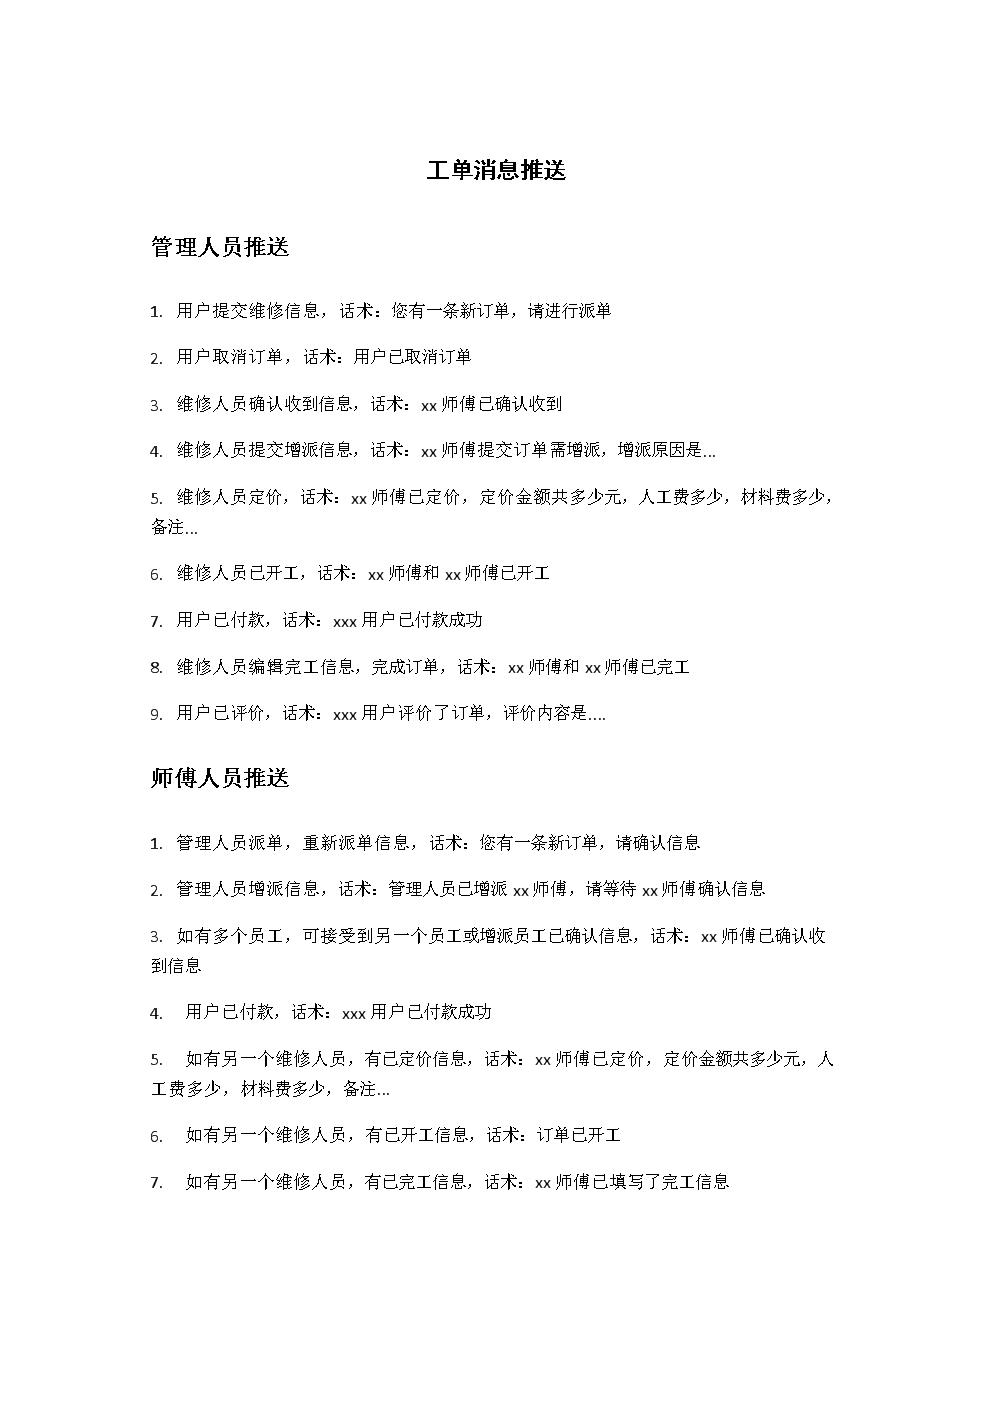 工单消息推送.docx